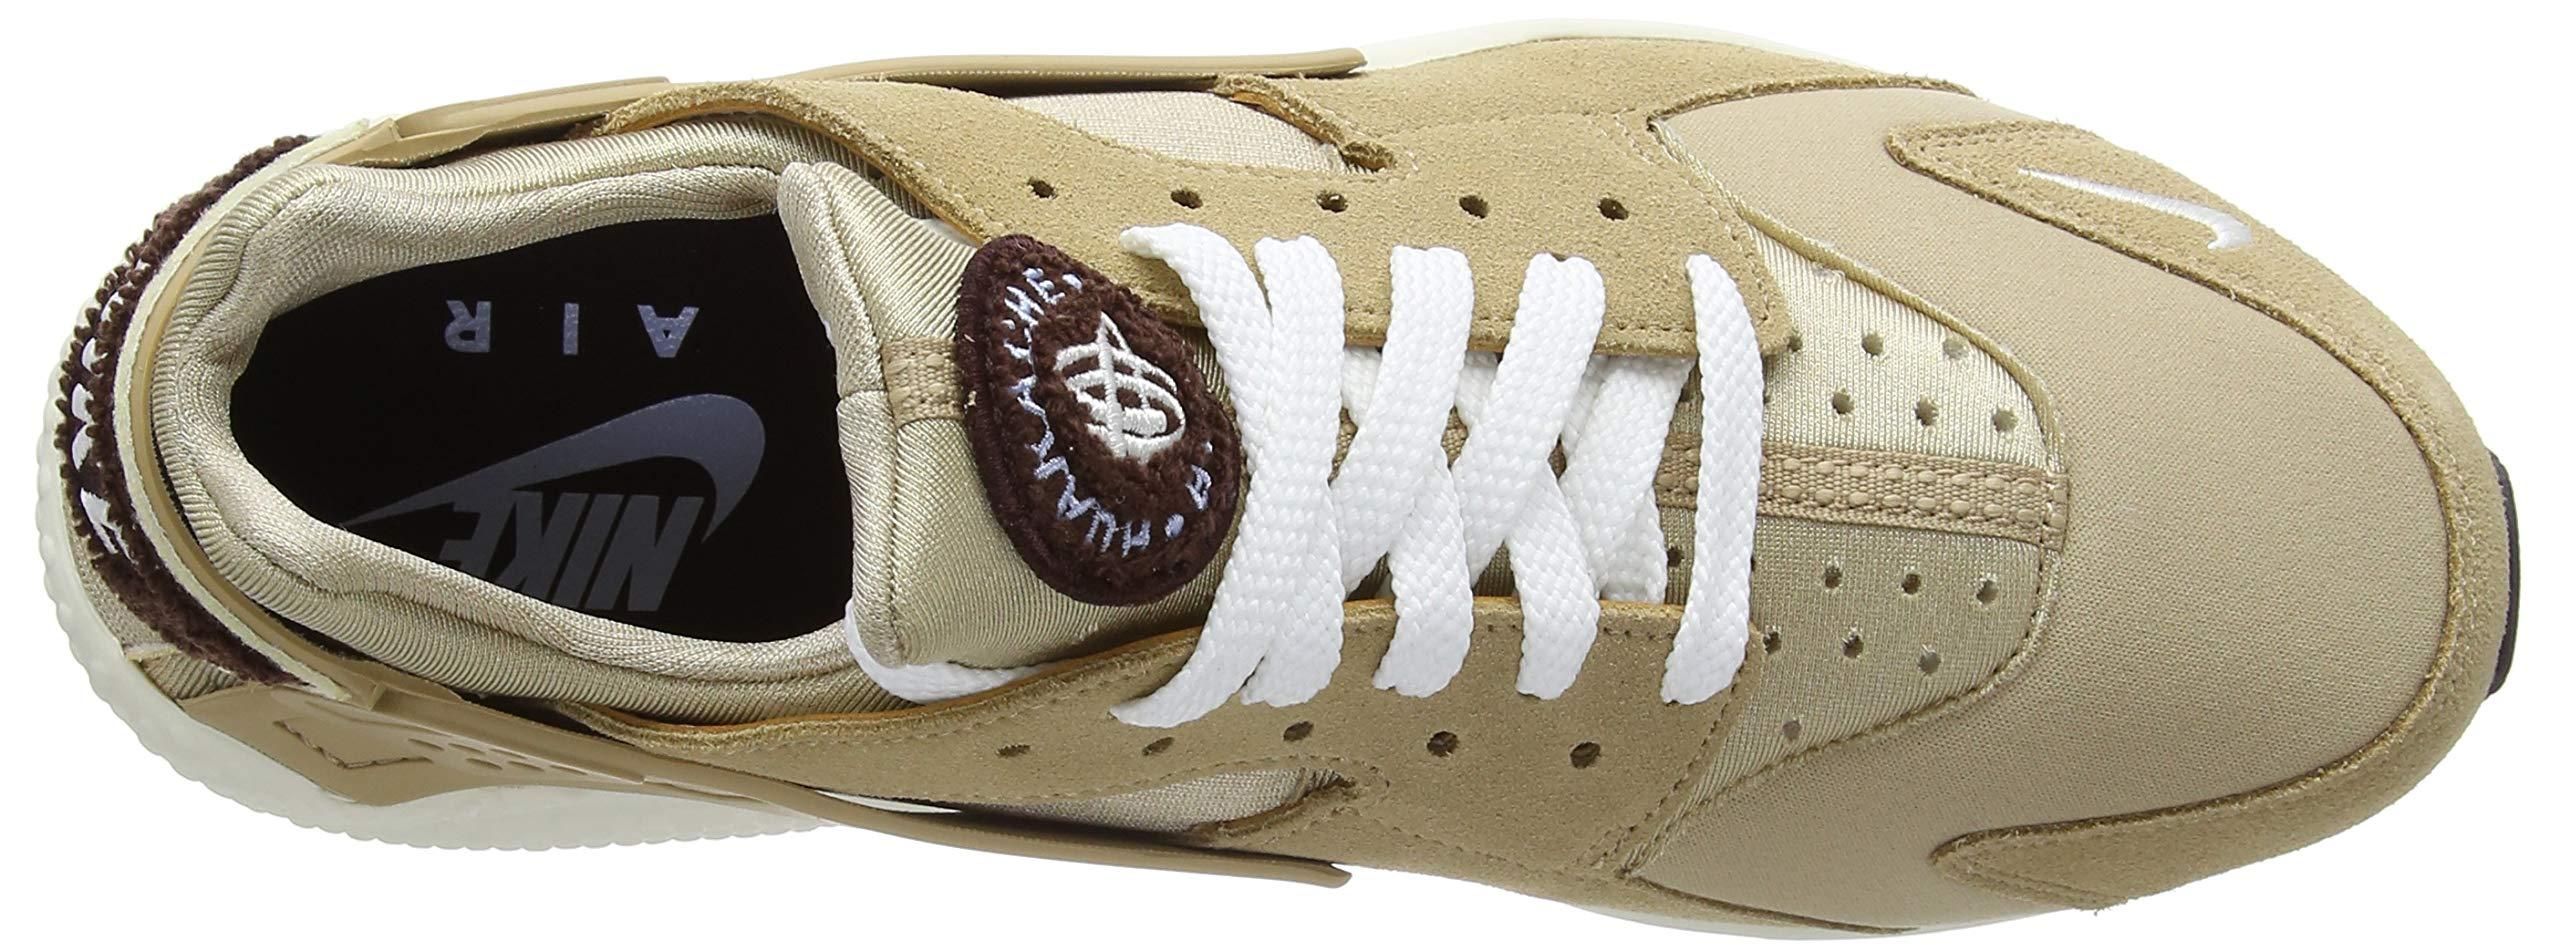 81N LHrBQ0L - Nike Men's Air Huarache Run PRM Fitness Shoes